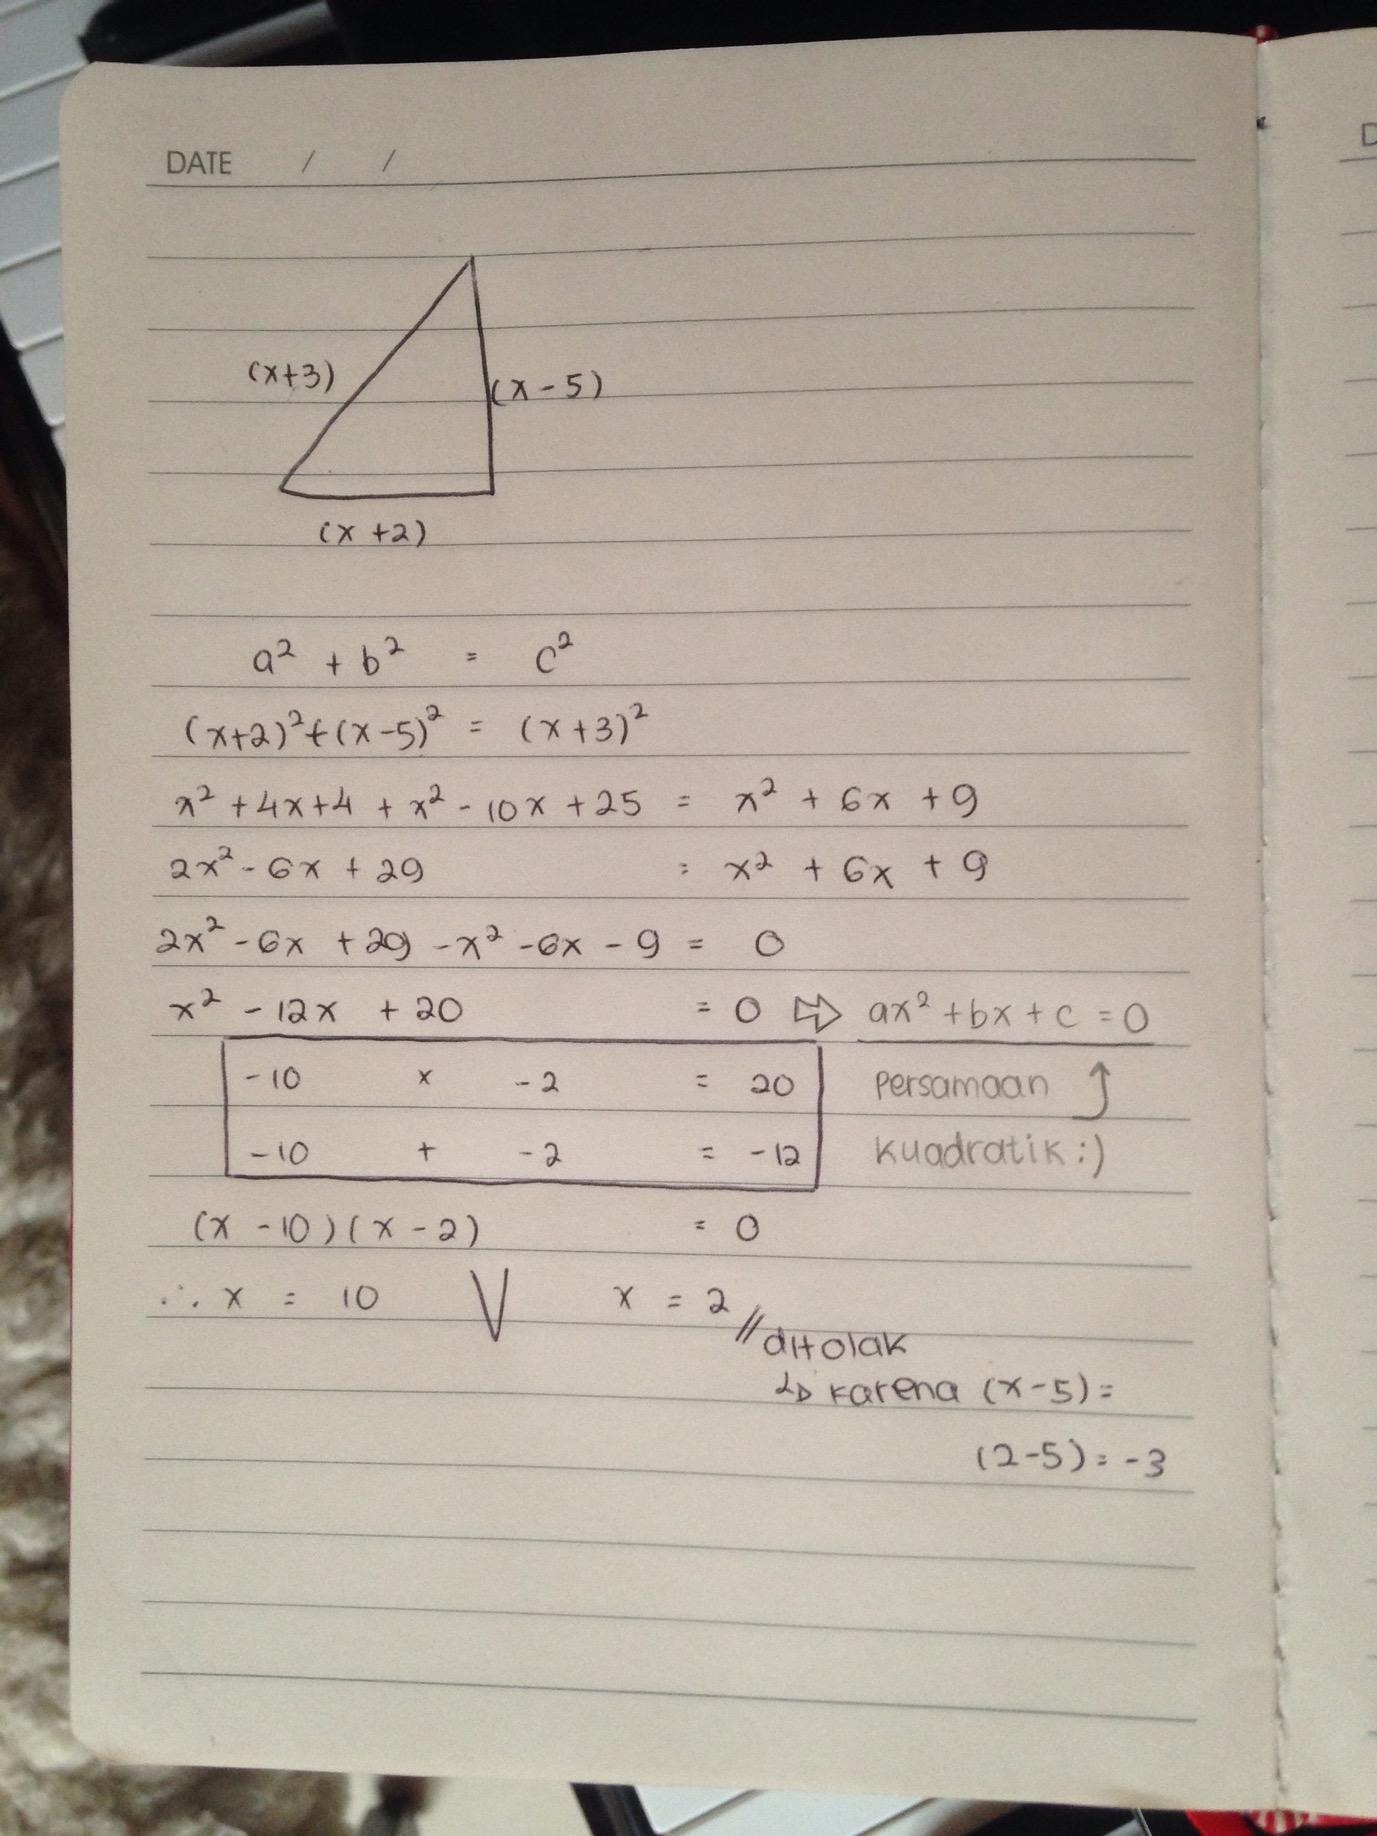 Ini cara faktorisasi lain untuk memecahkan persamaan kuadratik, untuk mencari x. Ini adalah pelajaran aljabar. Kalau kamu masih kurang ngerti gimana kita bisa cari nilai x-nya, silahkan belajar lebih lanjut konten revisi materi di bagian Mapel kita http://www.mejakita.com/materi/index/8